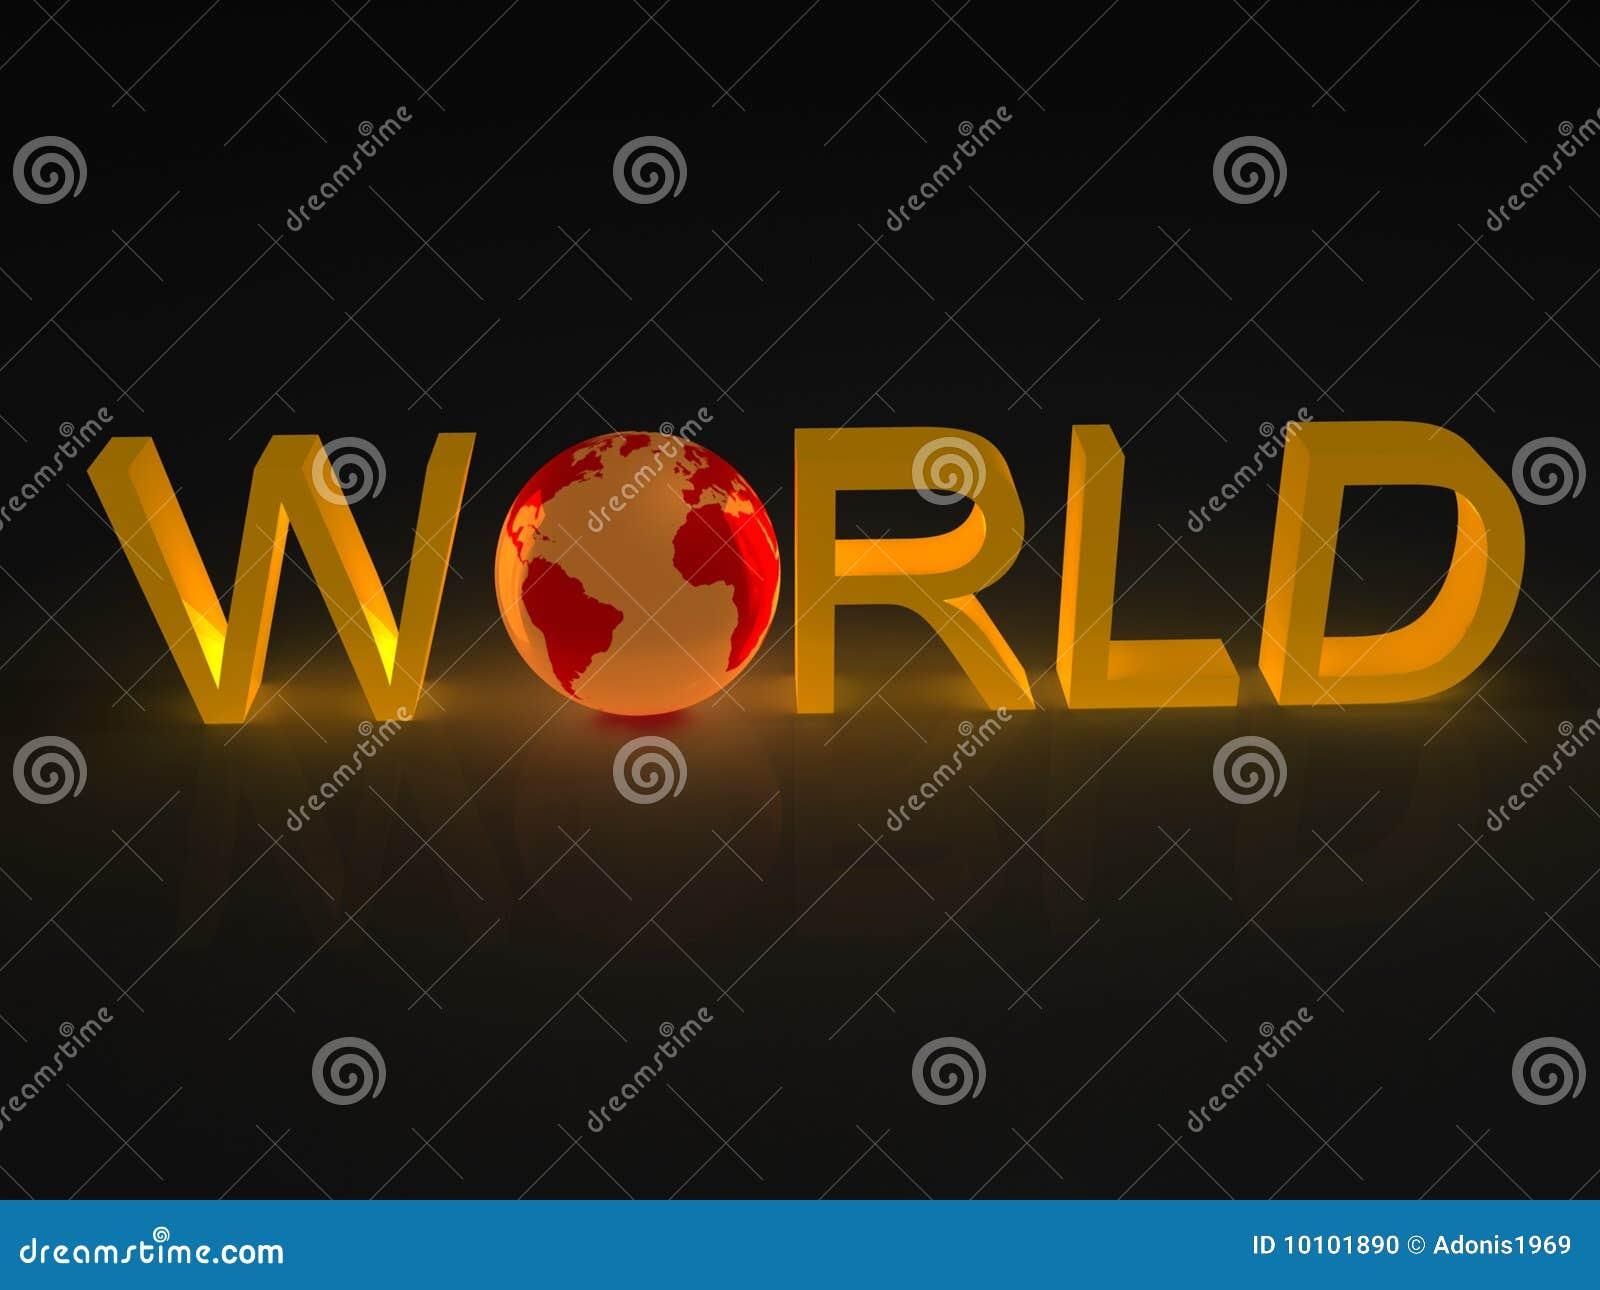 Erde in der Wort Welt